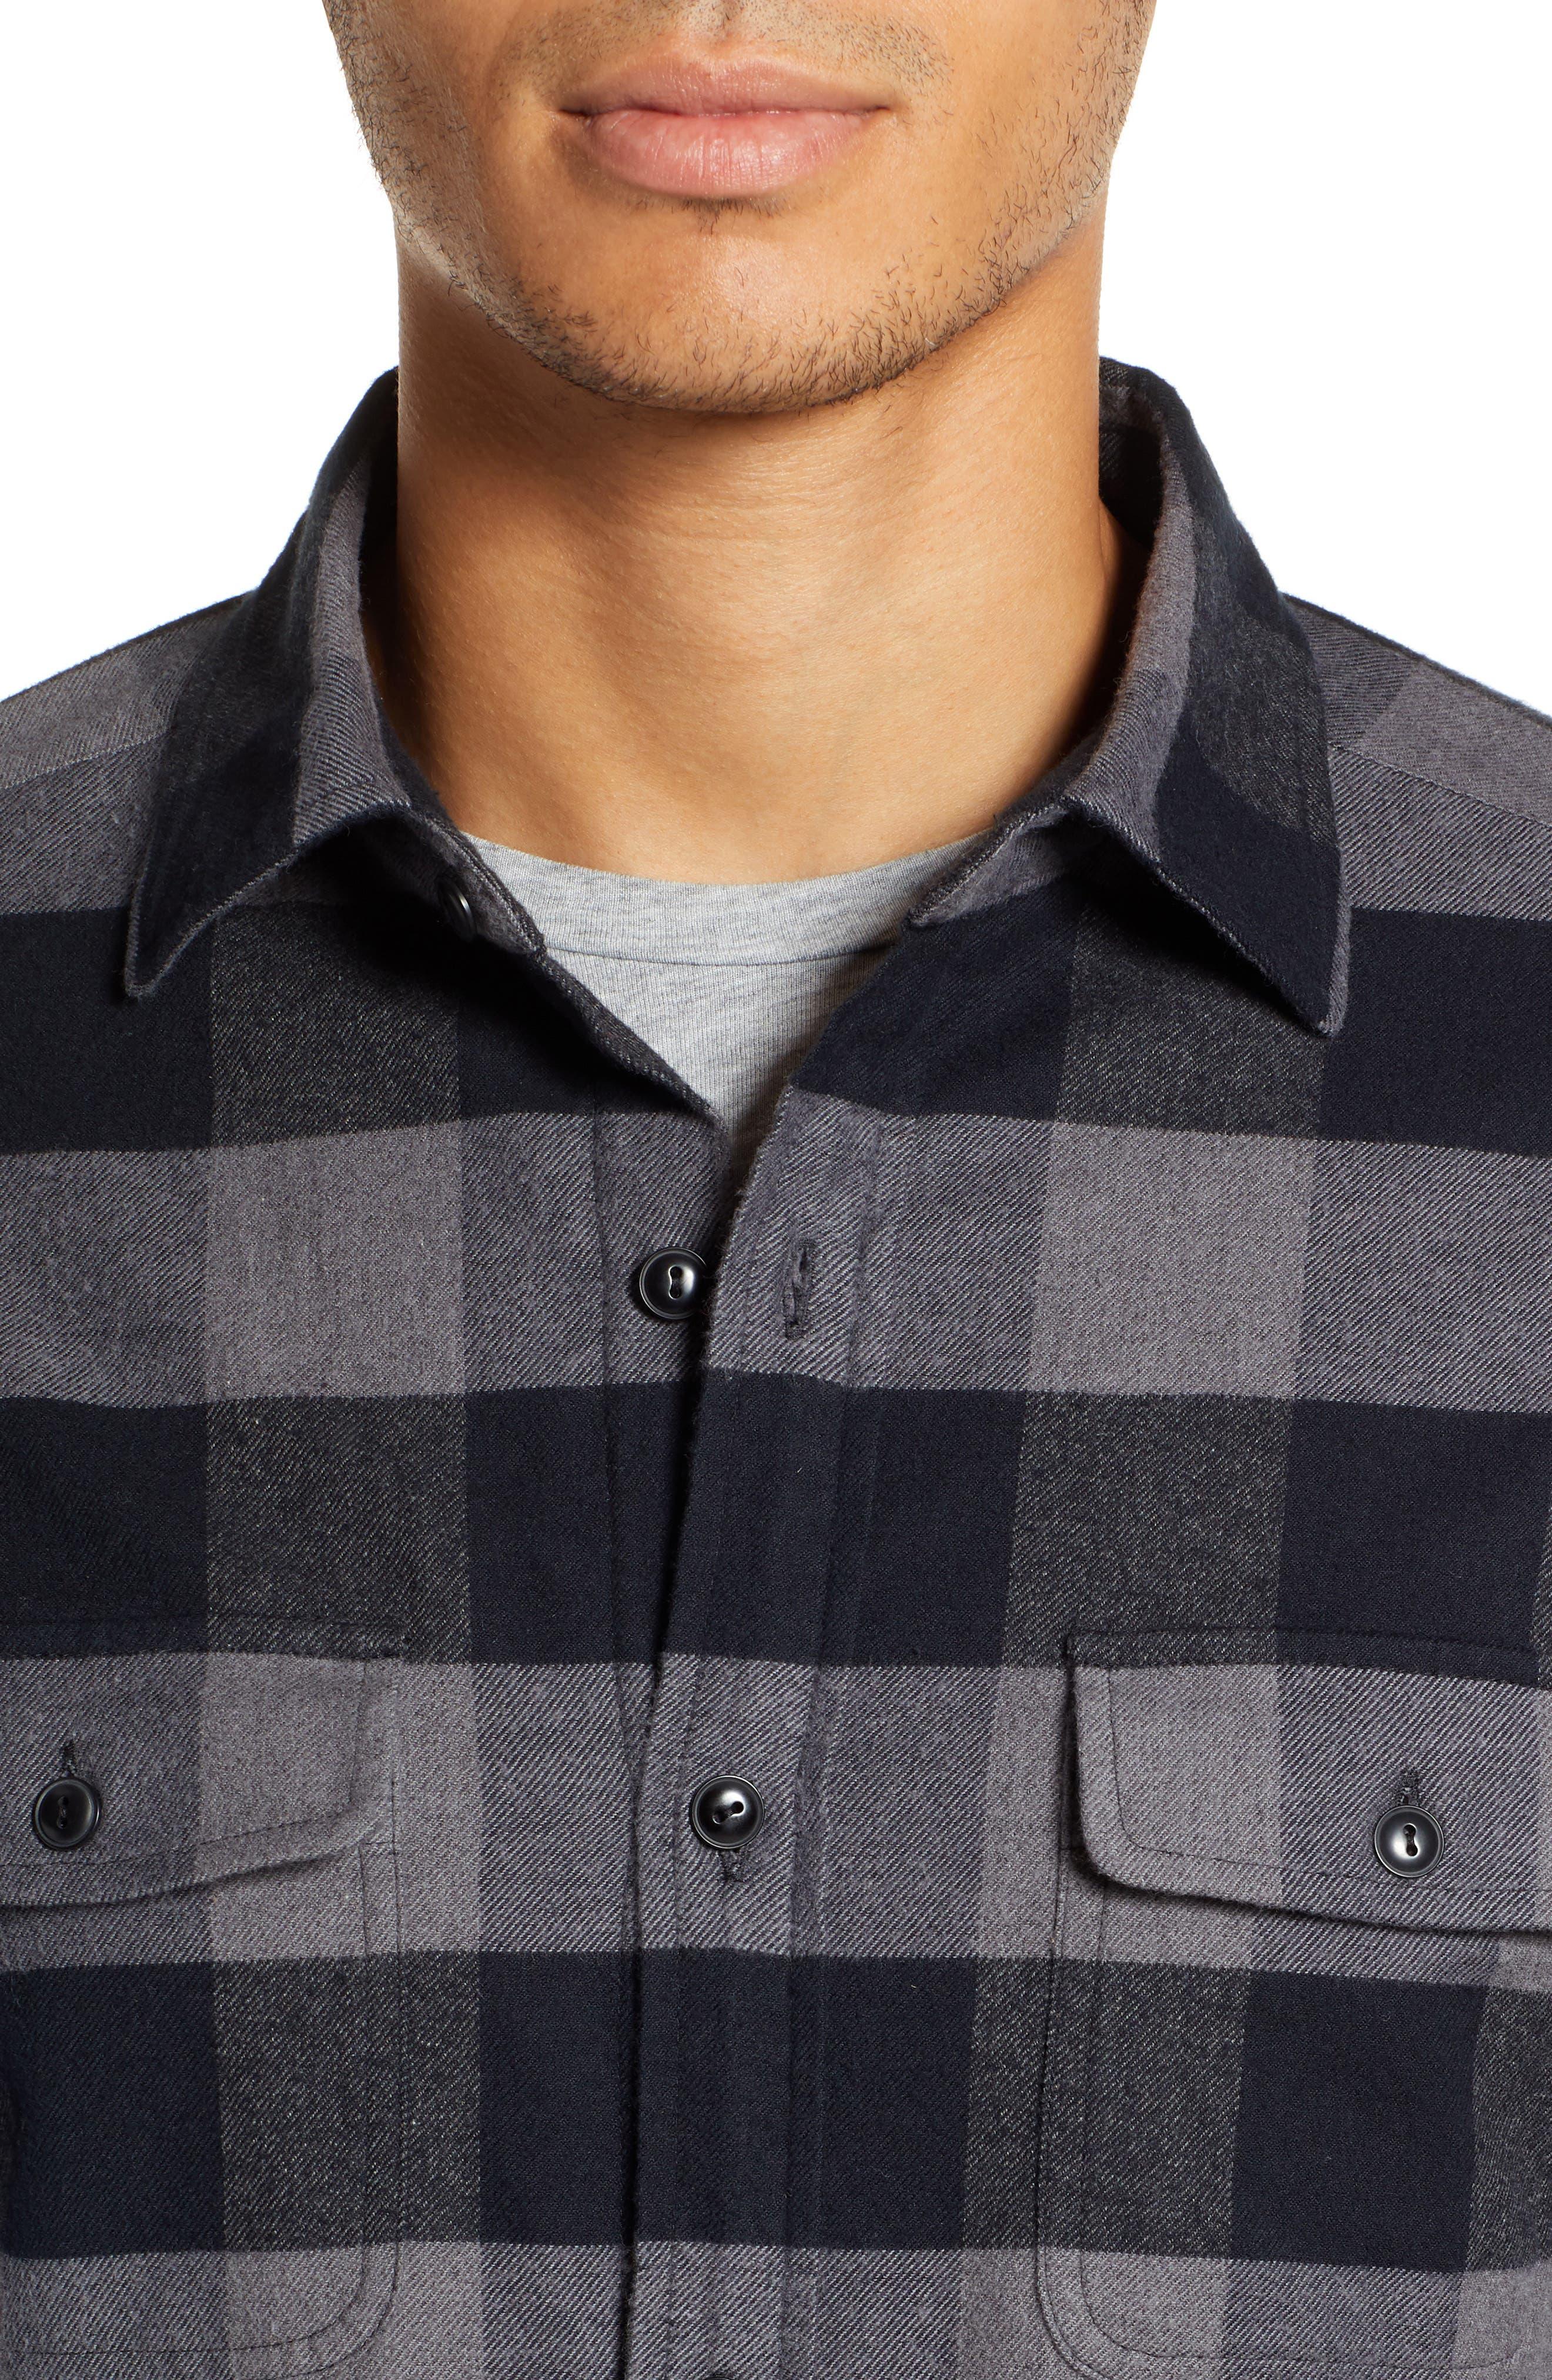 Deepwood Regular Fit Lined Flannel Shirt Jacket,                             Alternate thumbnail 2, color,                             EVENING SKY